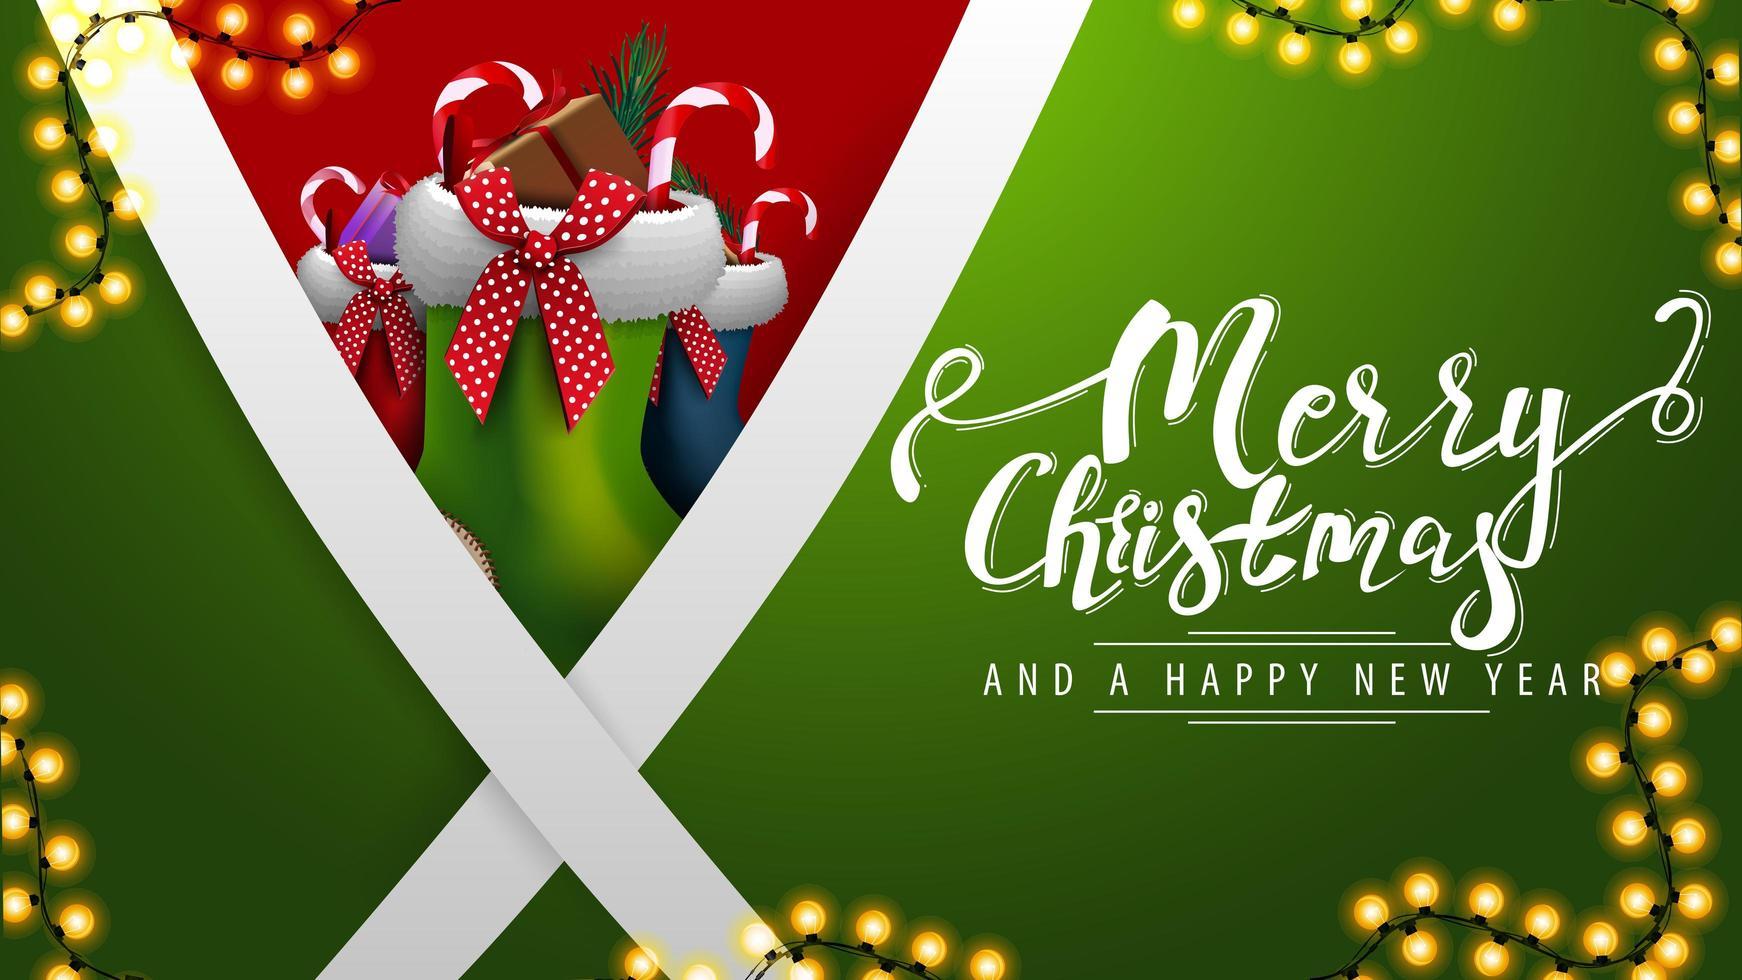 prettige kerstdagen en een gelukkig nieuwjaar, groene ansichtkaart met diagonale witte lijnen en kerstsokken erachter vector